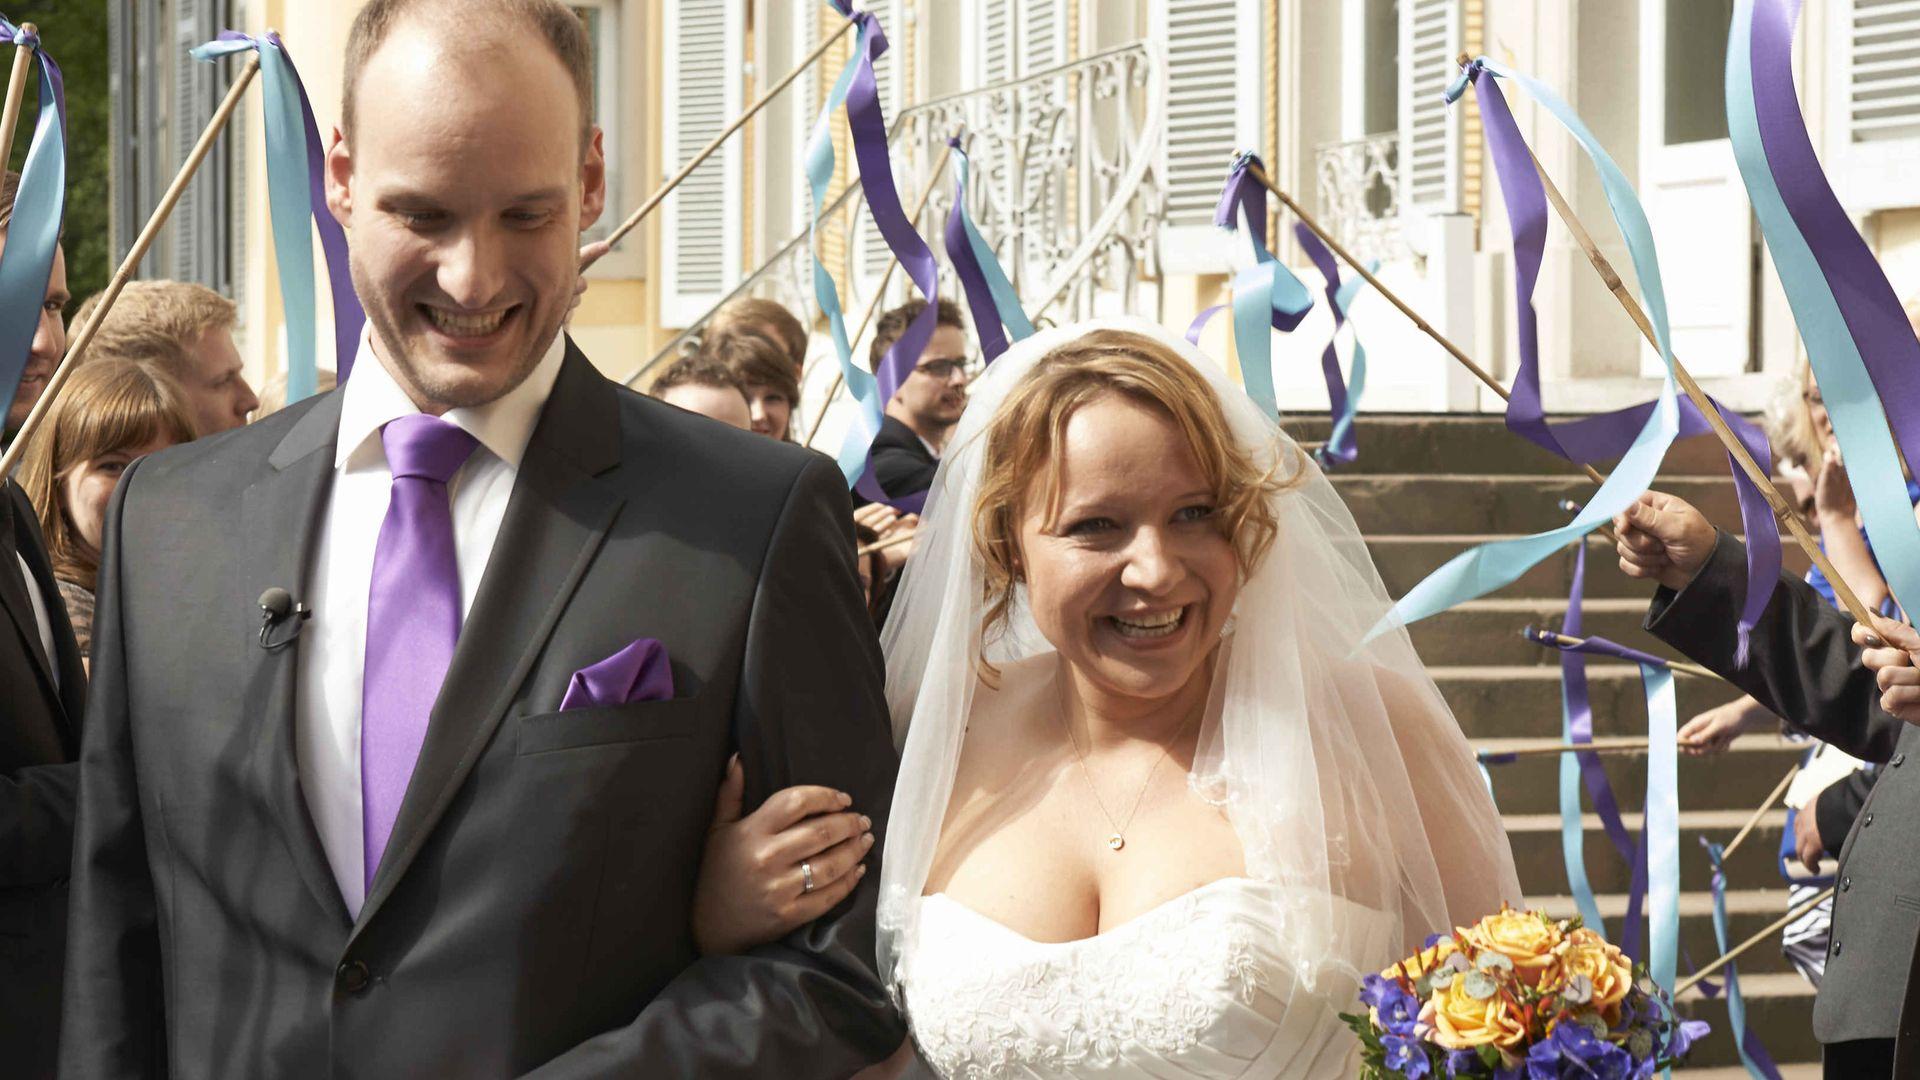 Hochzeit Auf Den Ersten Blick Vertrauensbruch